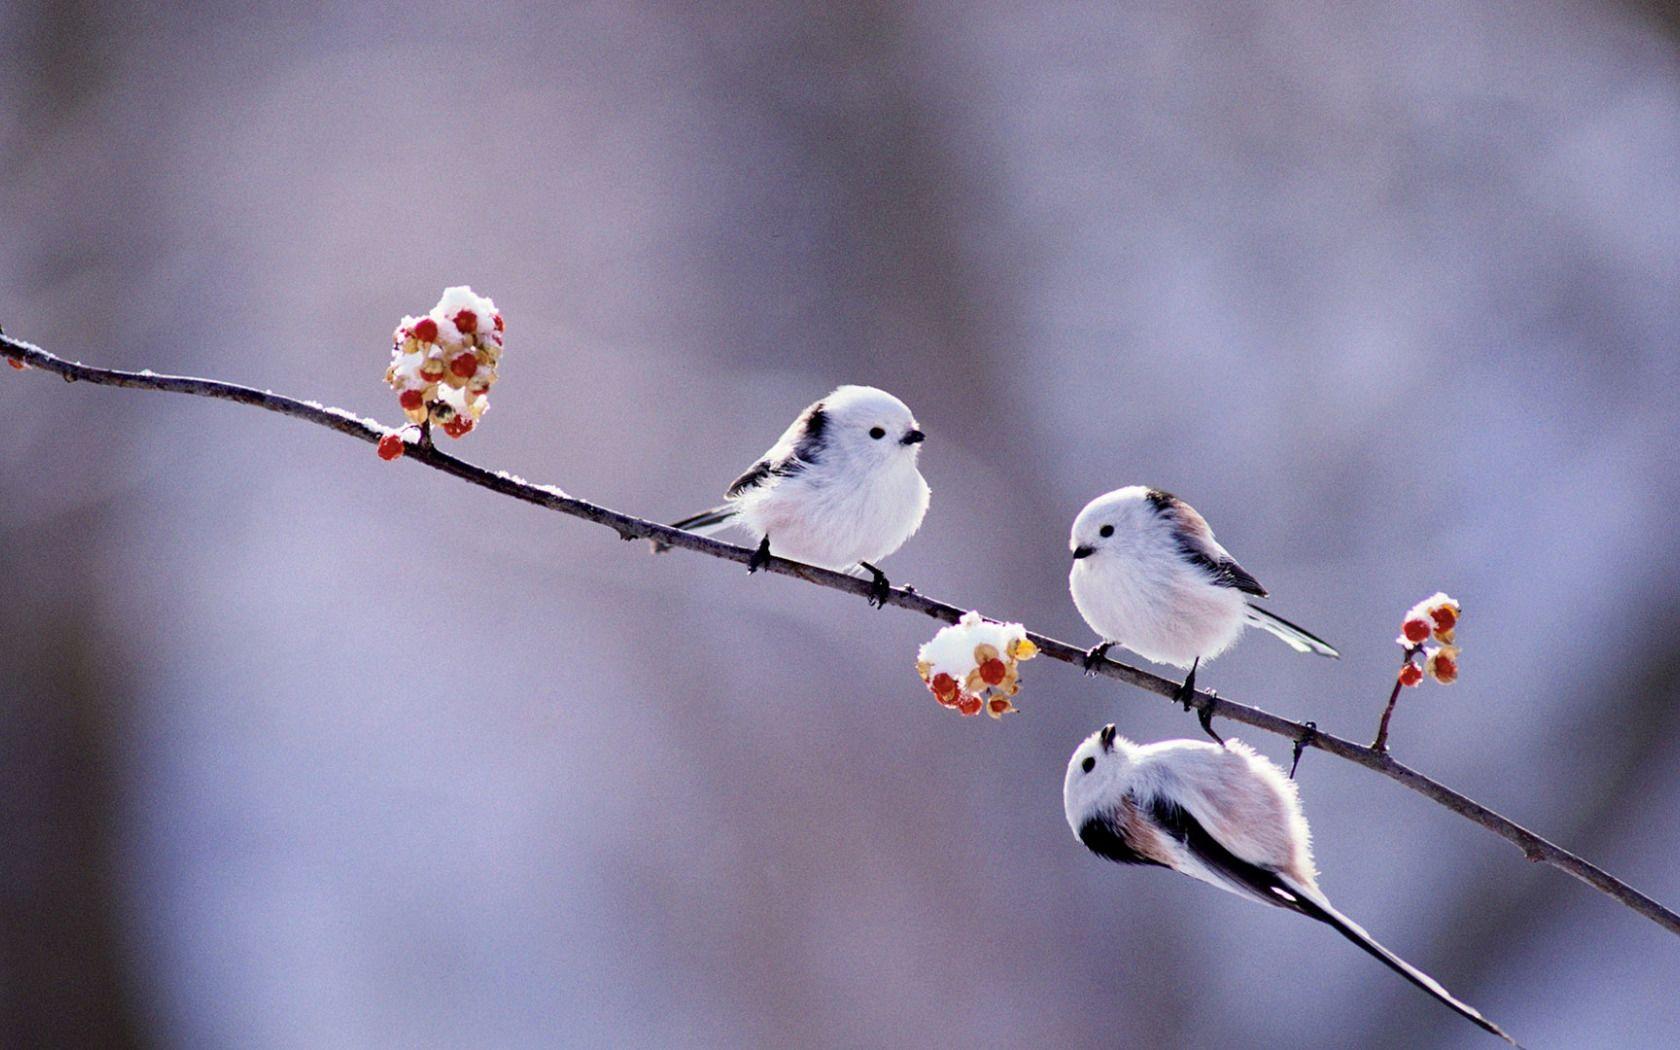 Hình nền chim non đáng yêu